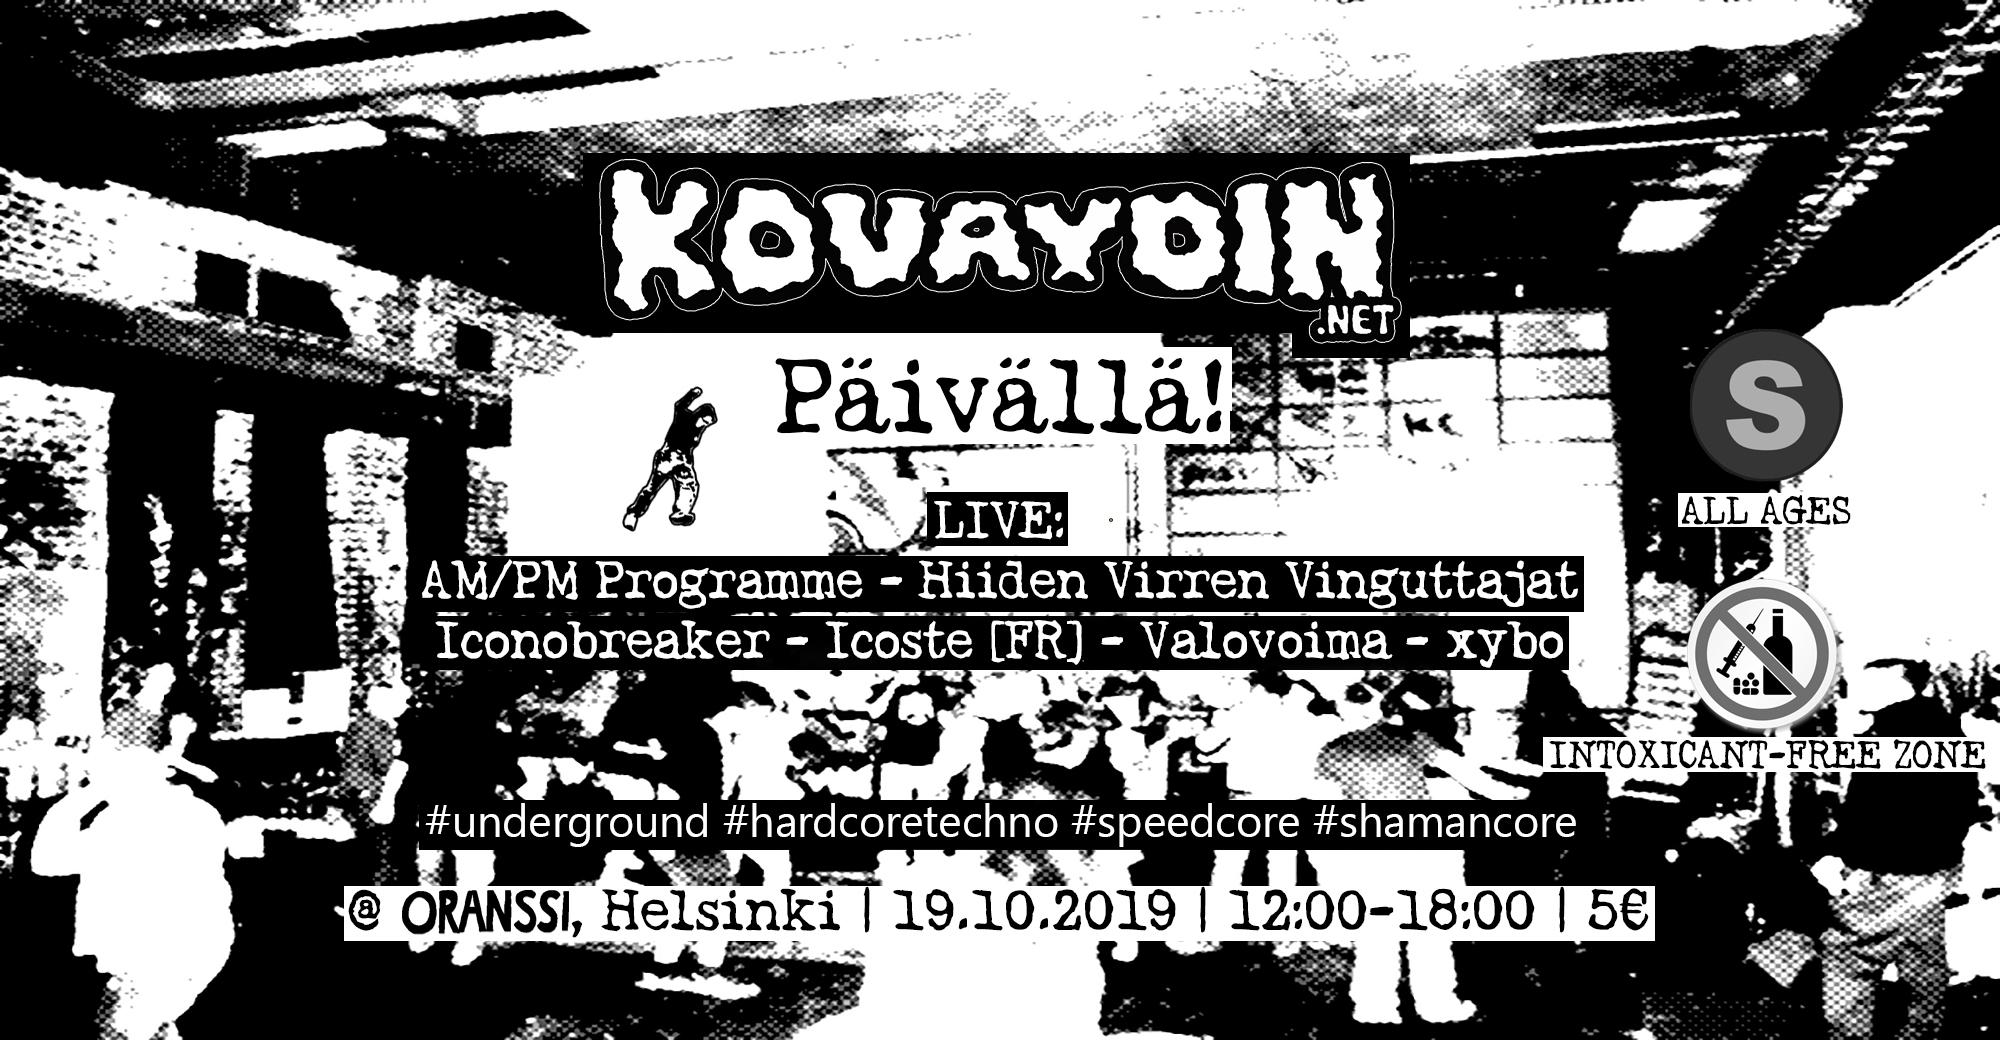 Kovaydin.NET - Päivällä!, 19.10.2019 @ Oranssi / Helsinki